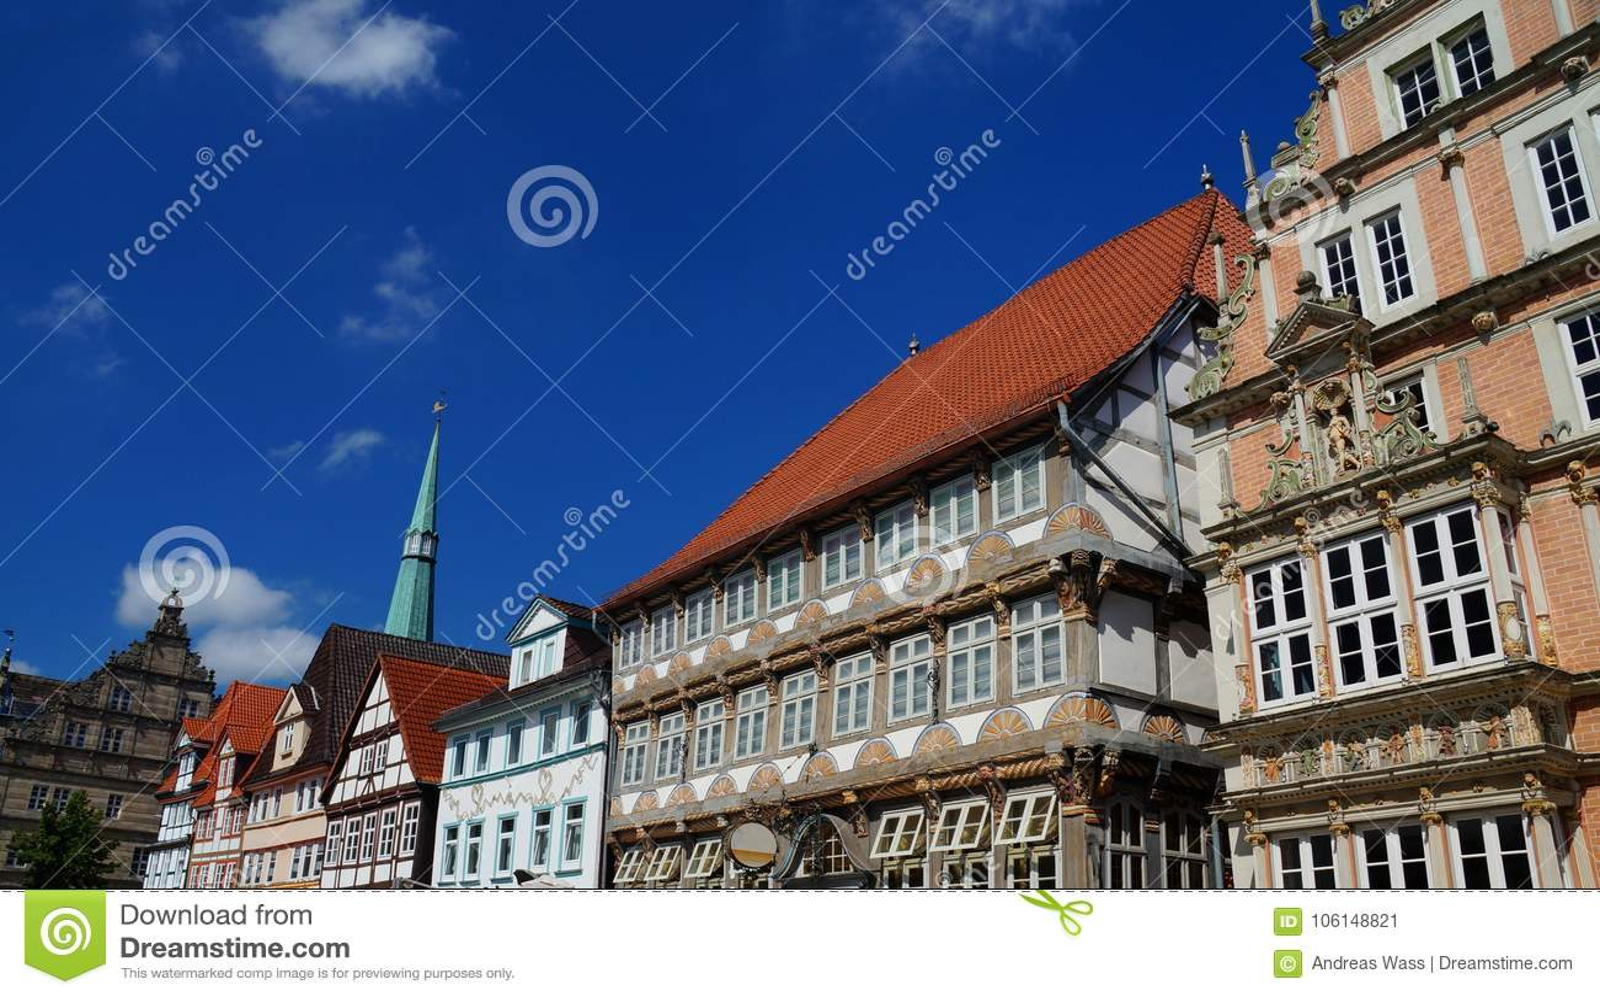 Centro storico di Hameln: variopinto dipinto a graticcio e costruzioni di stile di rinascita